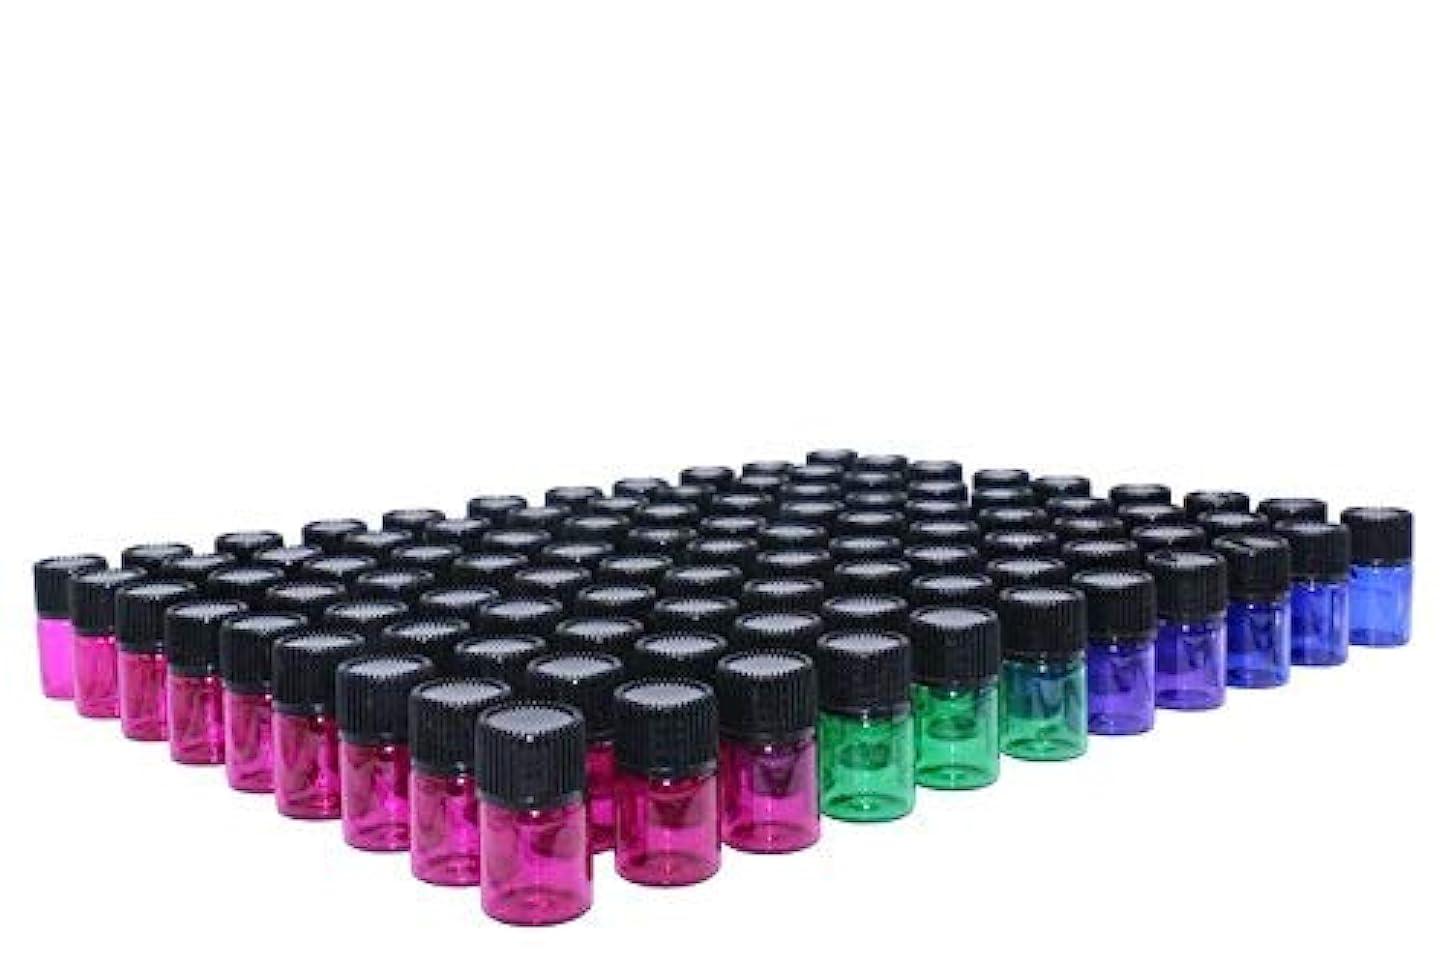 れる身元全滅させるWresty 2 ml(5/8 dram) Essential Oil Bottle,100 Packs Blue Green Pink Purple Glass Vials with Orifice Reducers...